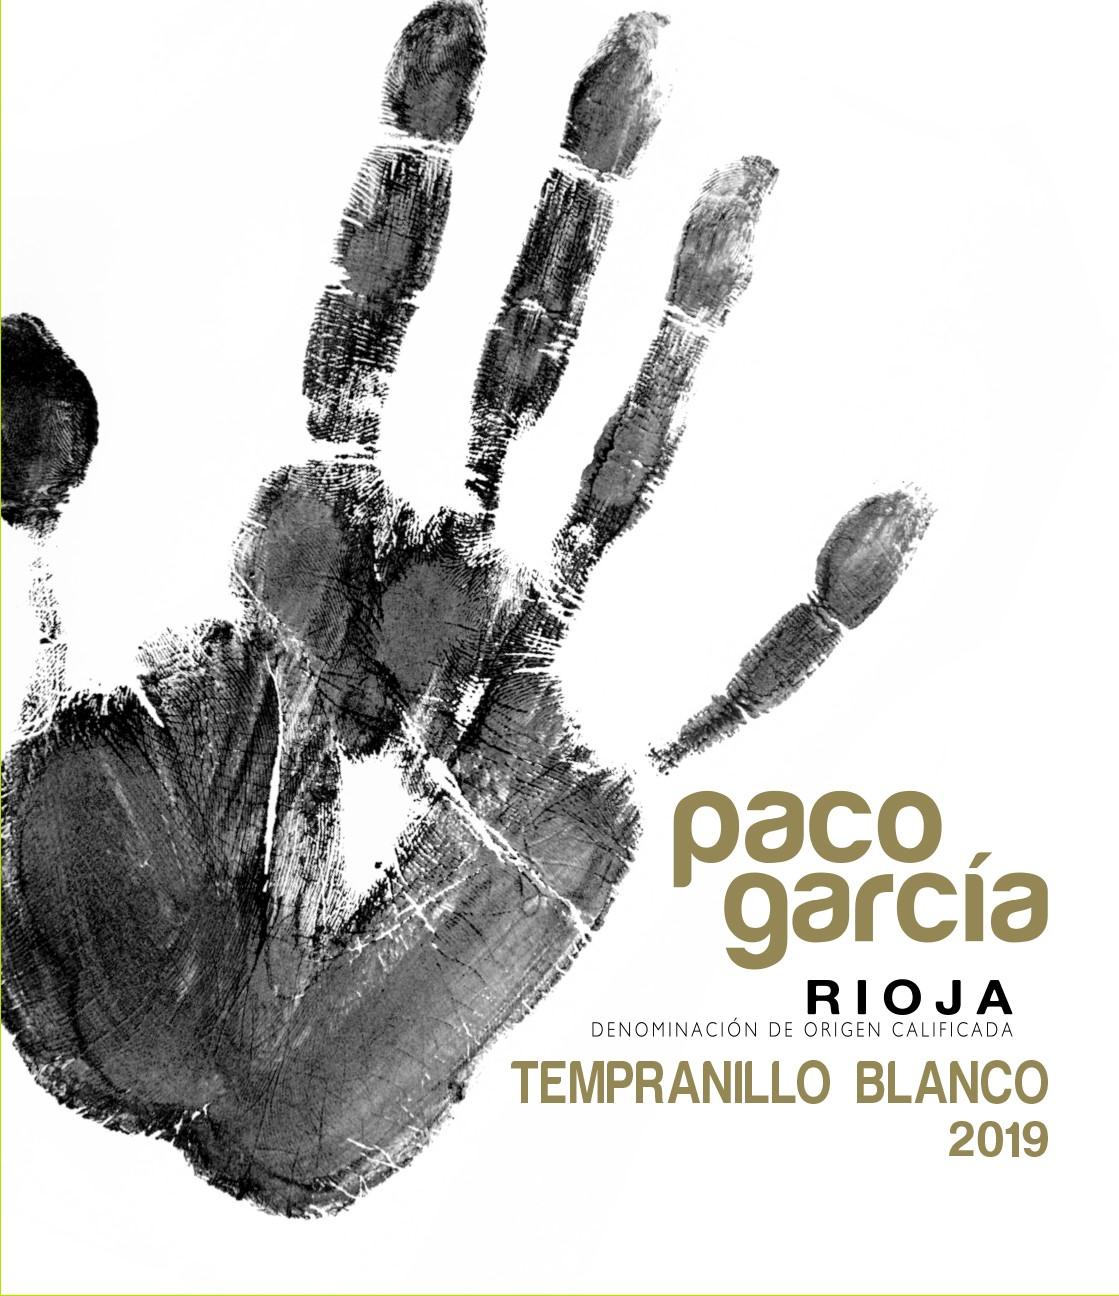 Paco García Tempranillo Blanco